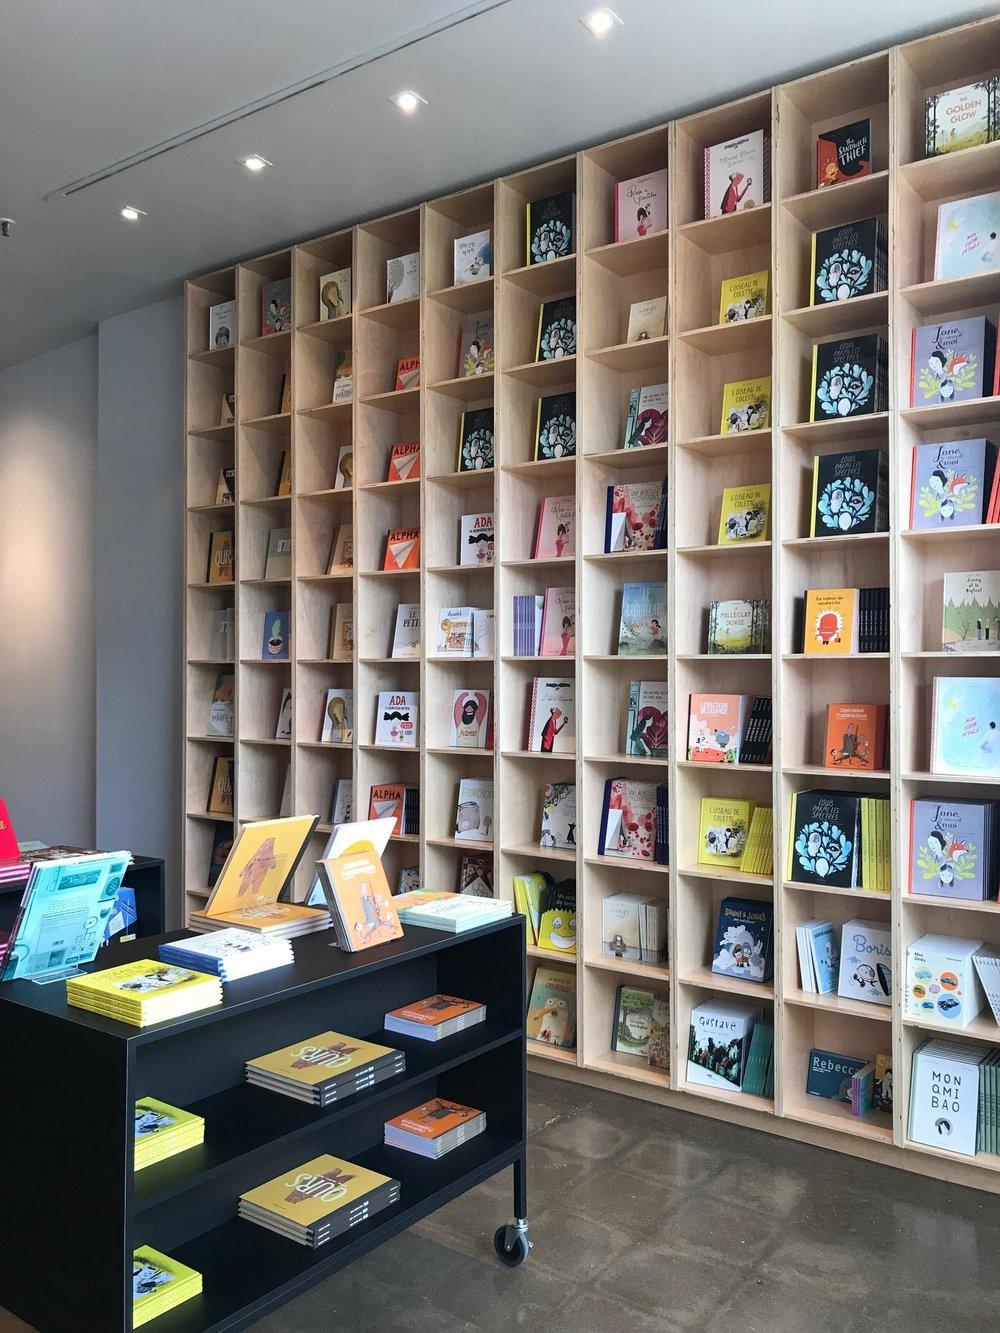 Édition La Pastèque   C'est en écoutant une table ronde sur la bande dessinée québécoise au Salon du livre de Montréal en novembre 1997 que l'idée de fonder une maison d'édition est venue aux co-fondateurs Frédéric Gauthier et Martin Brault.